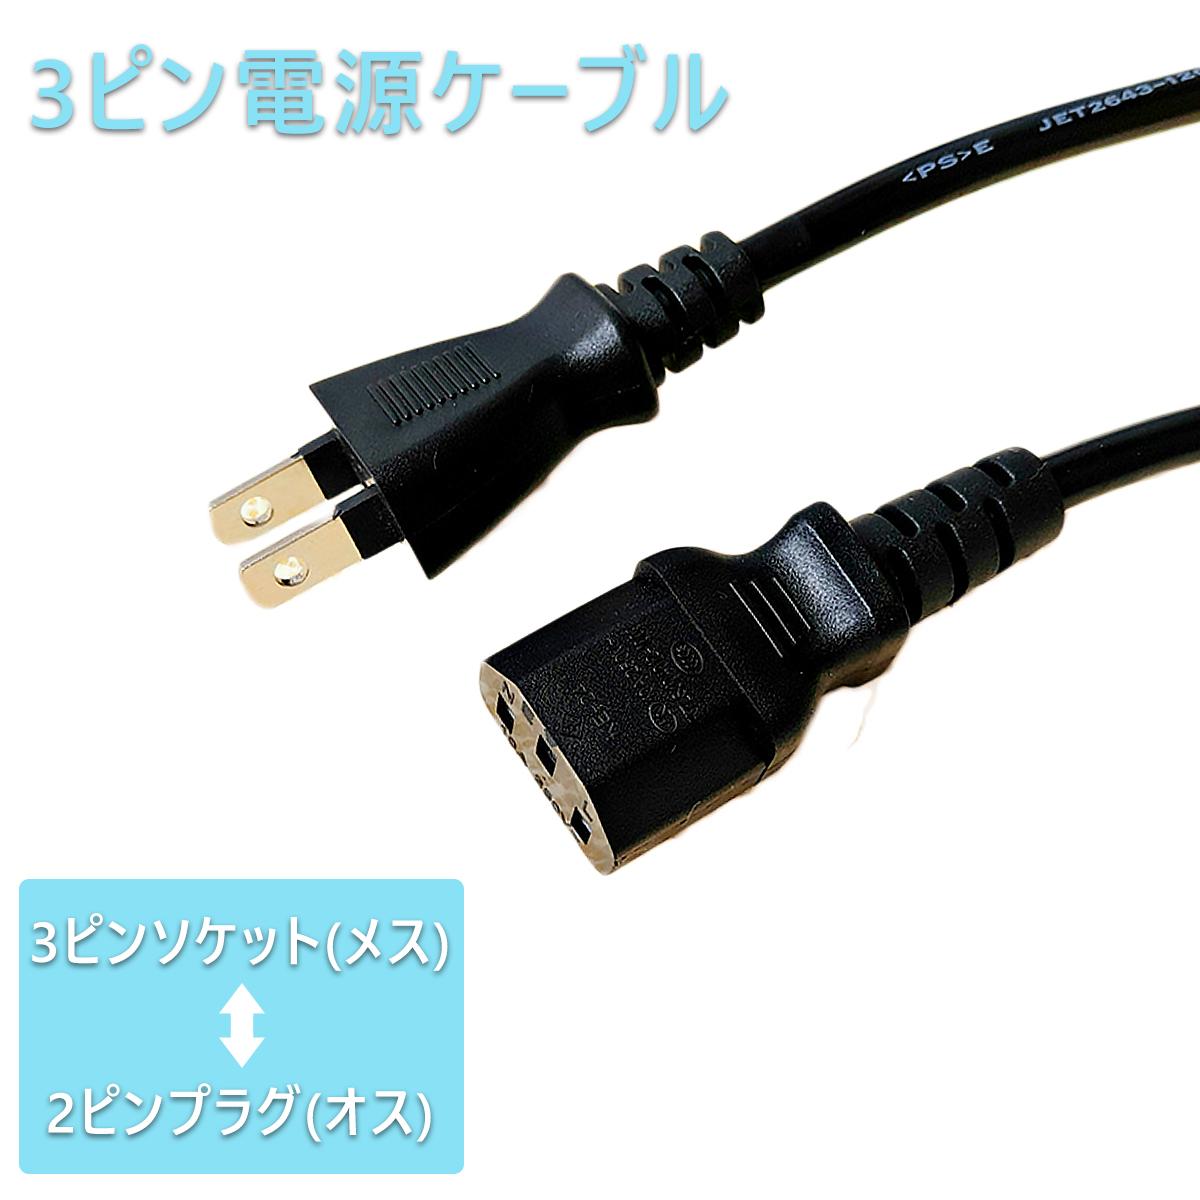 電源ケーブル 3ピンソケット(メス) ⇔ 2ピンプラグ(オス) 品型 1.5m 黒 パソコン ディスプレイ アース線なし SDM便送料無料 PSE 1ヶ月保証 K&M